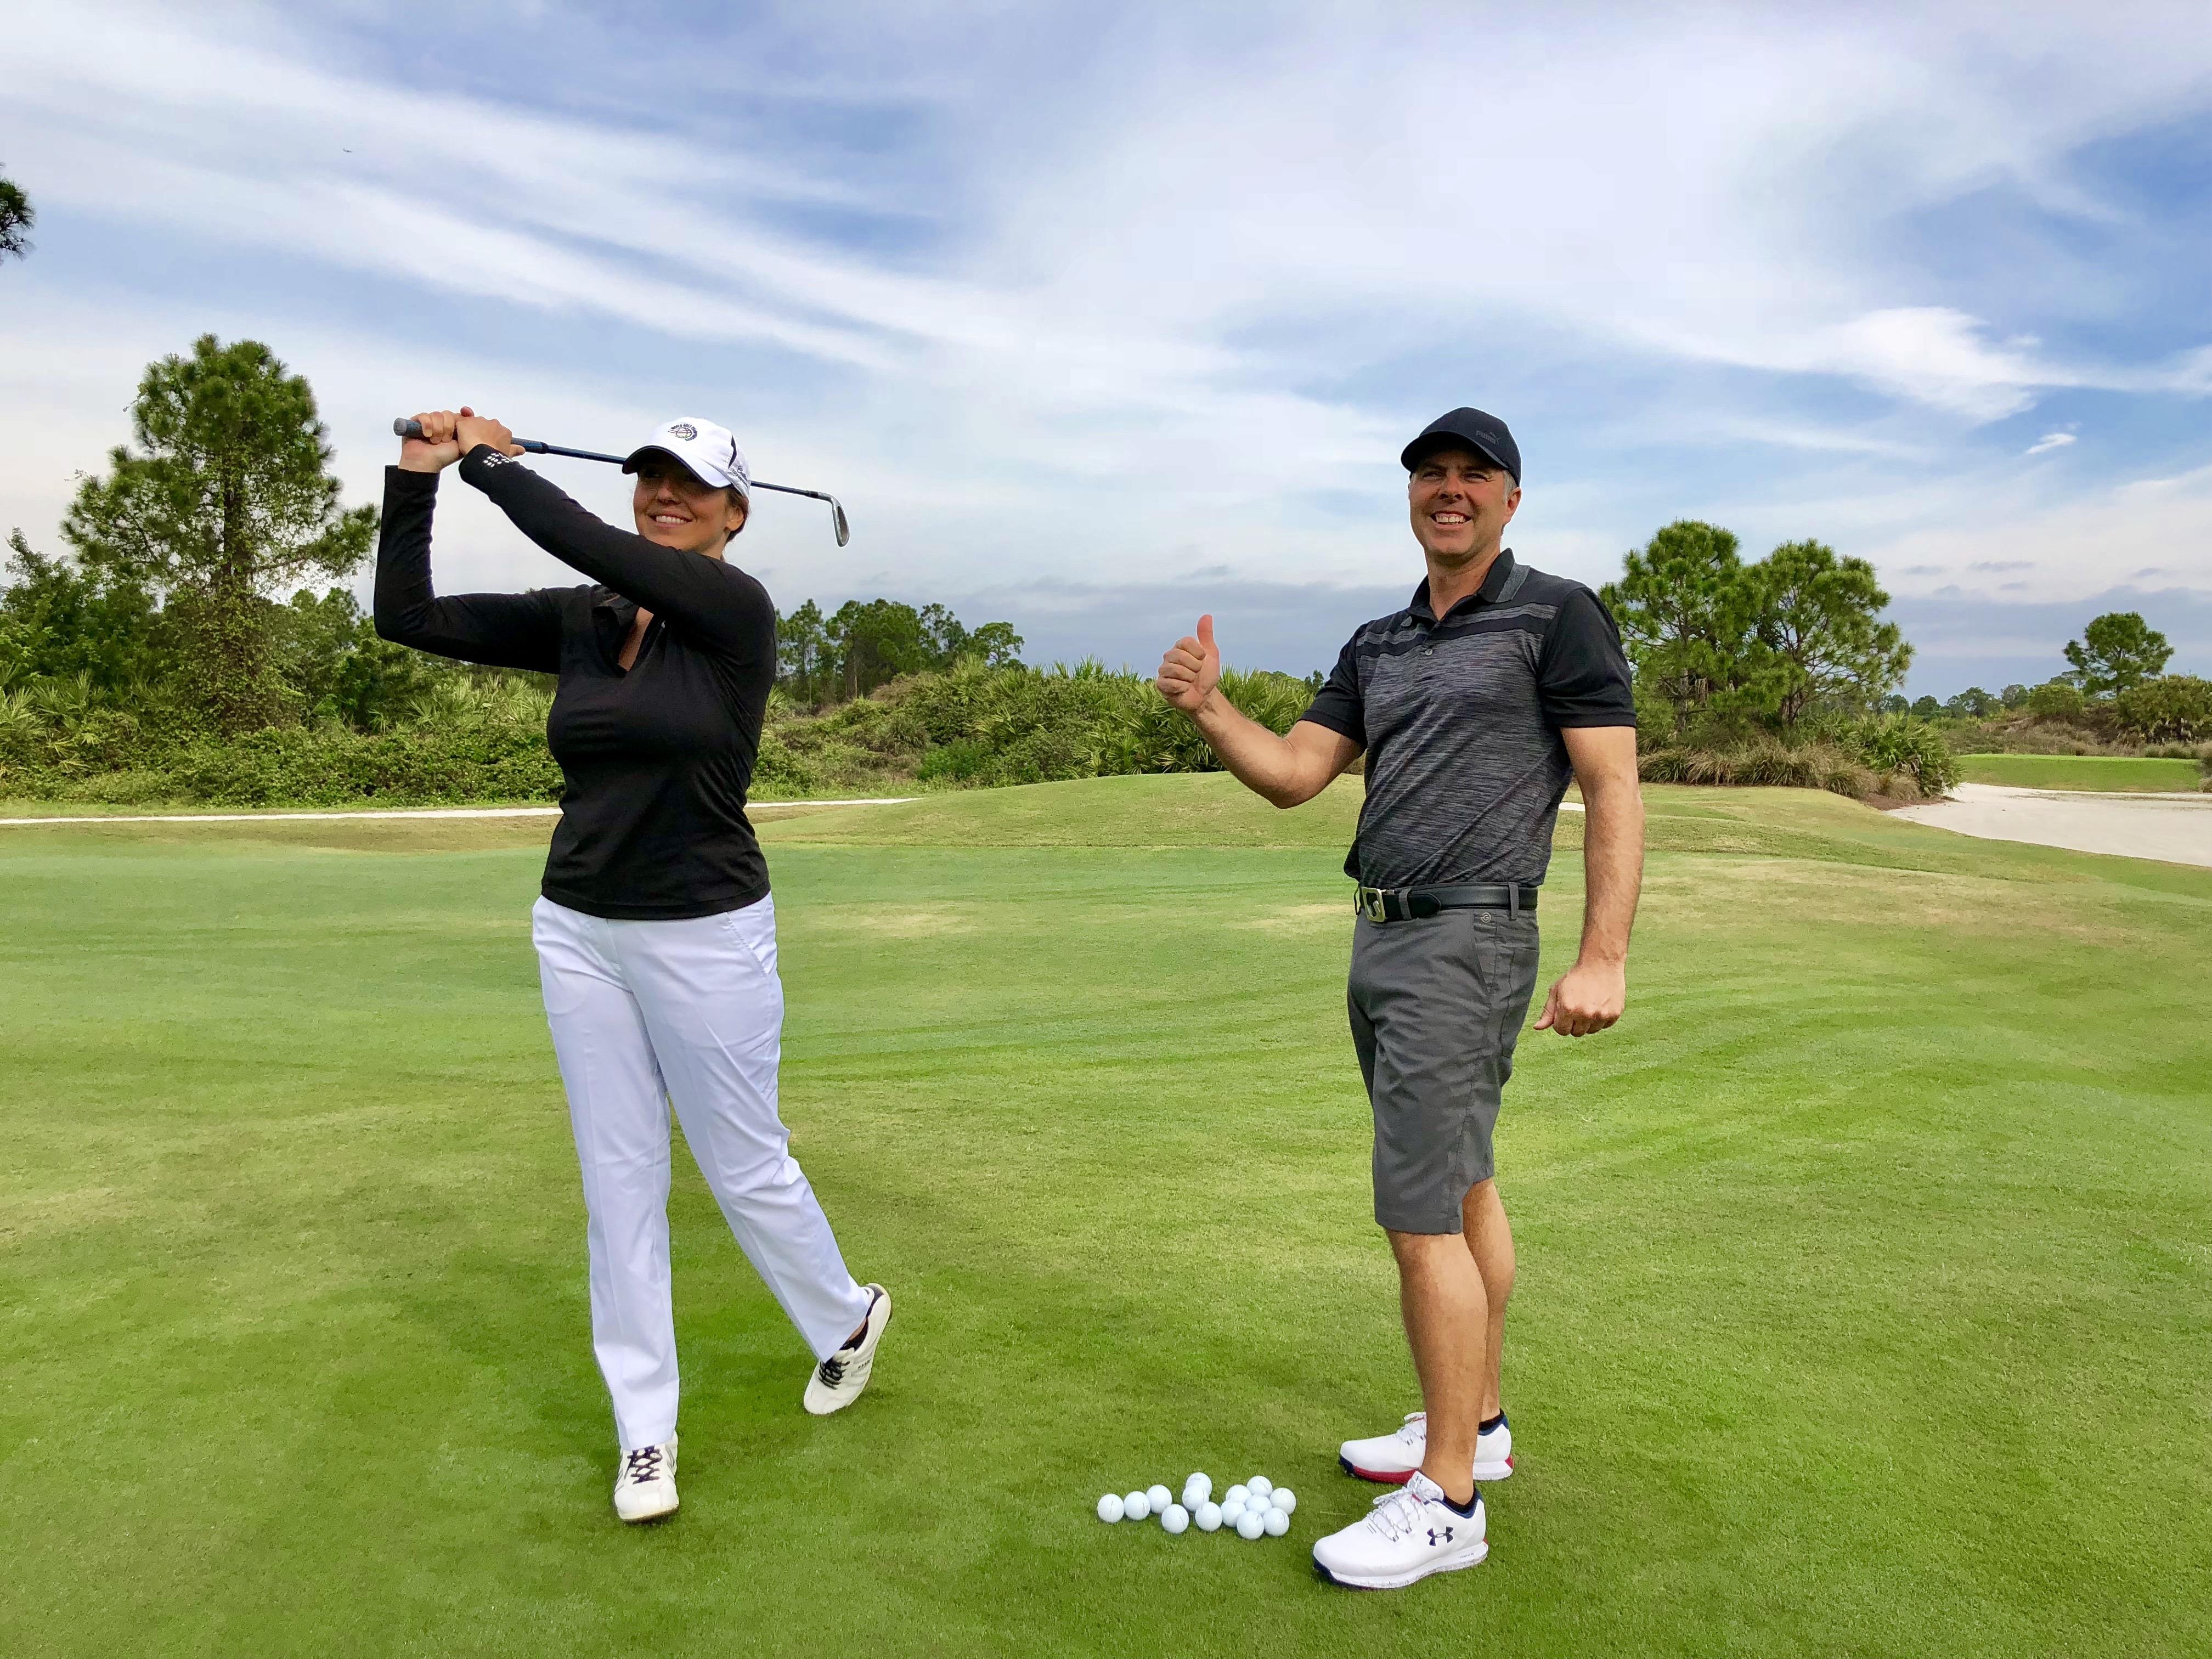 Cours de golf par un professionnel